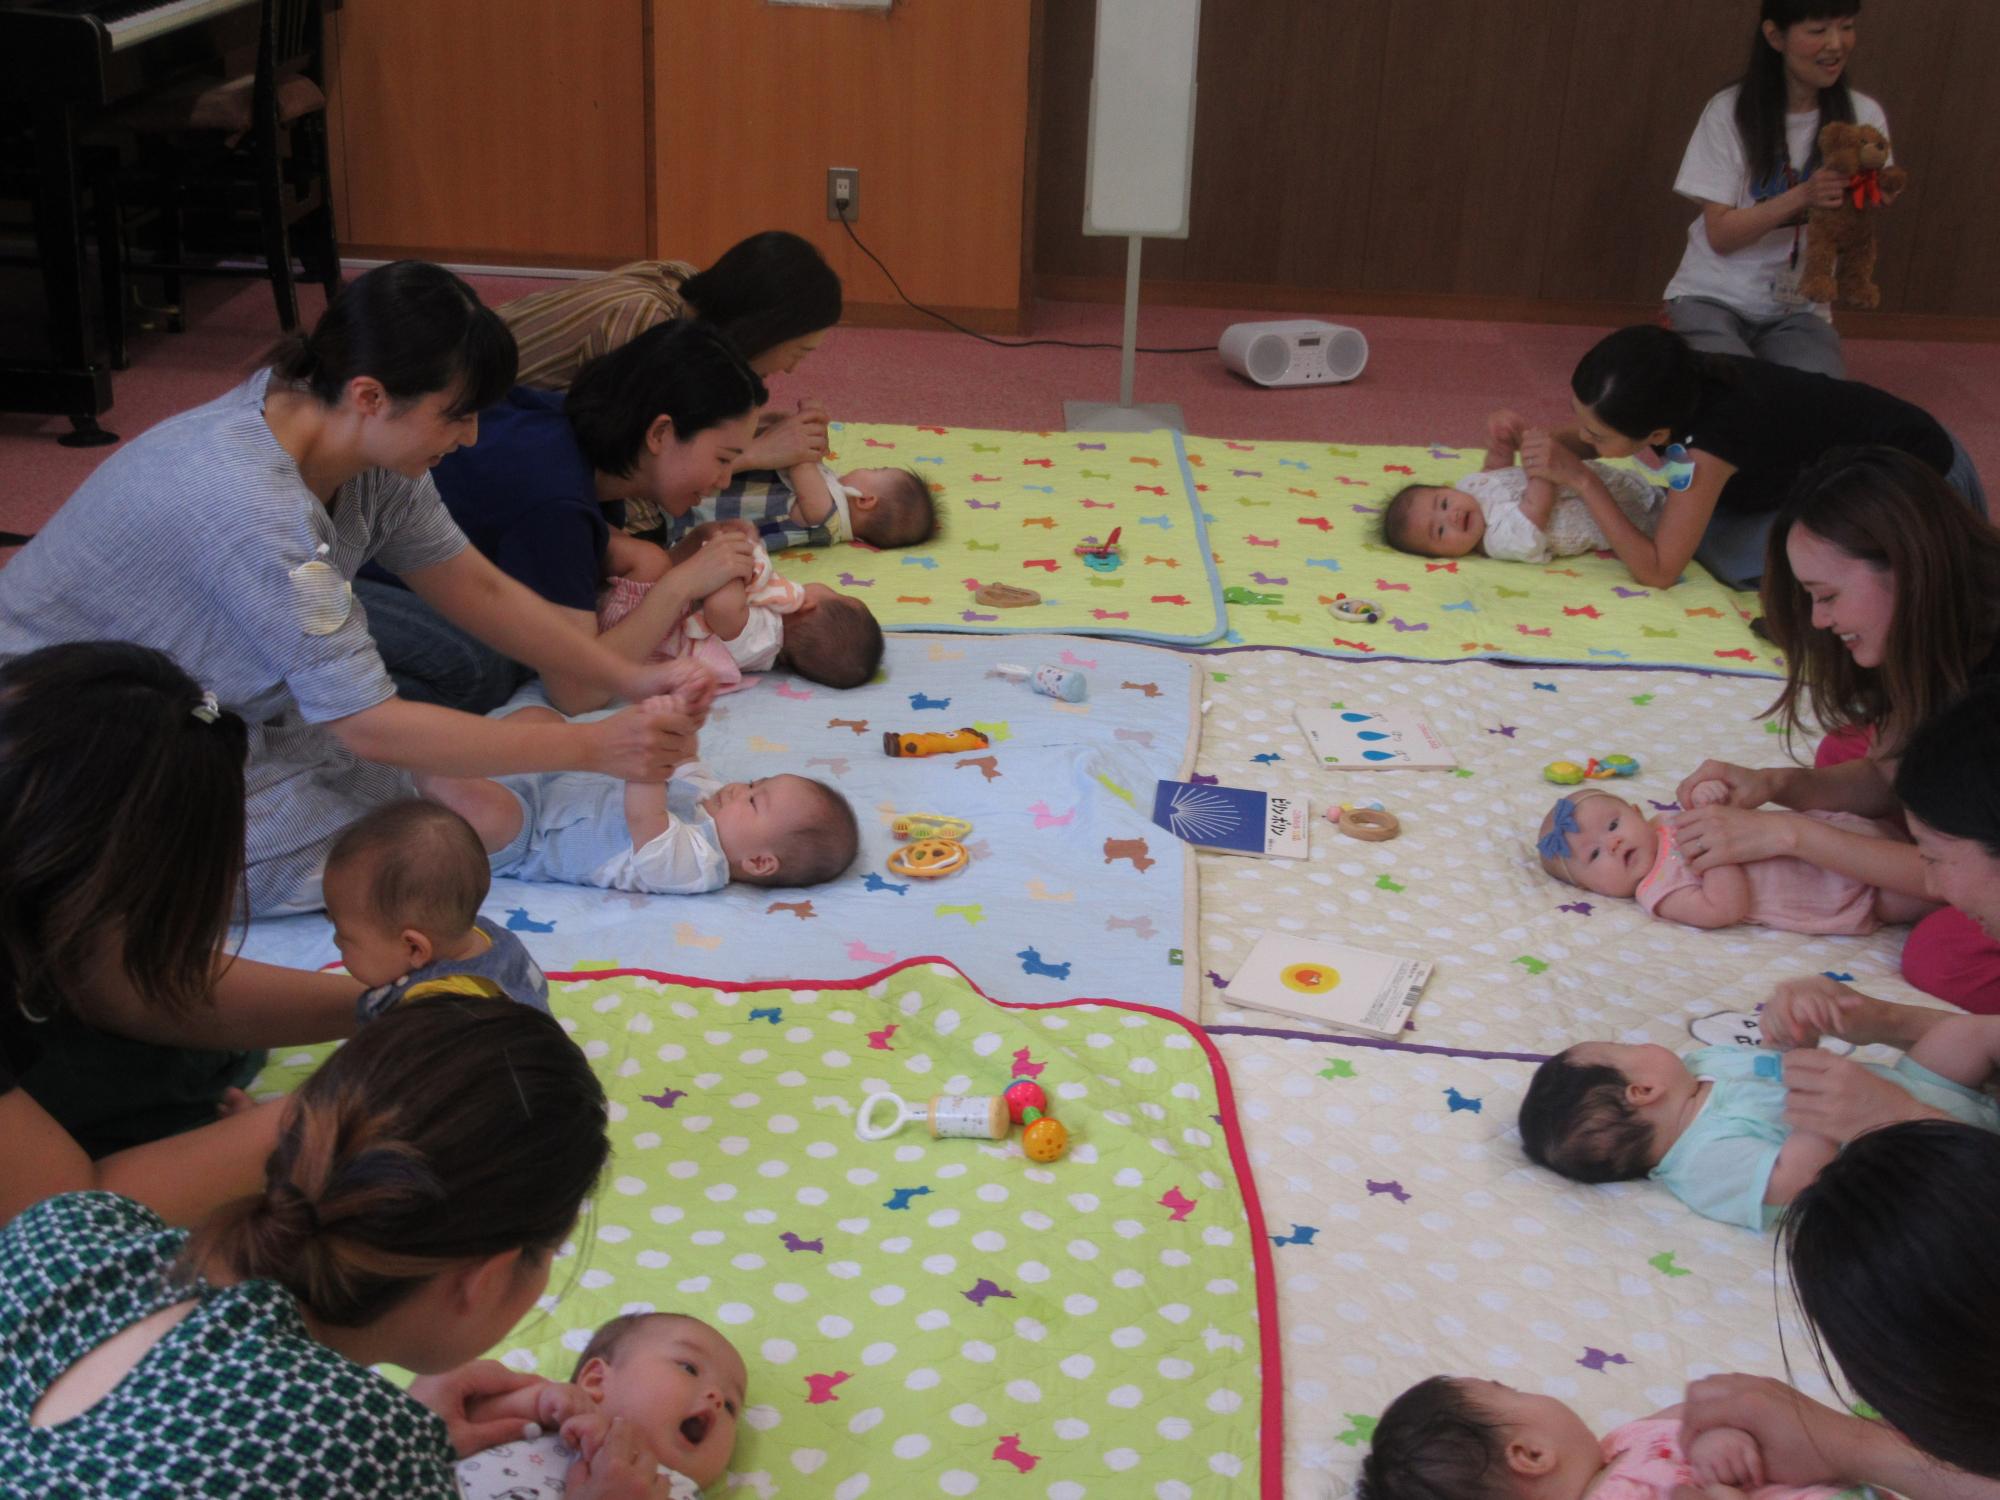 神戸市立六甲道児童館「あかちゃんのおへや」(1~8か月の赤ちゃん)